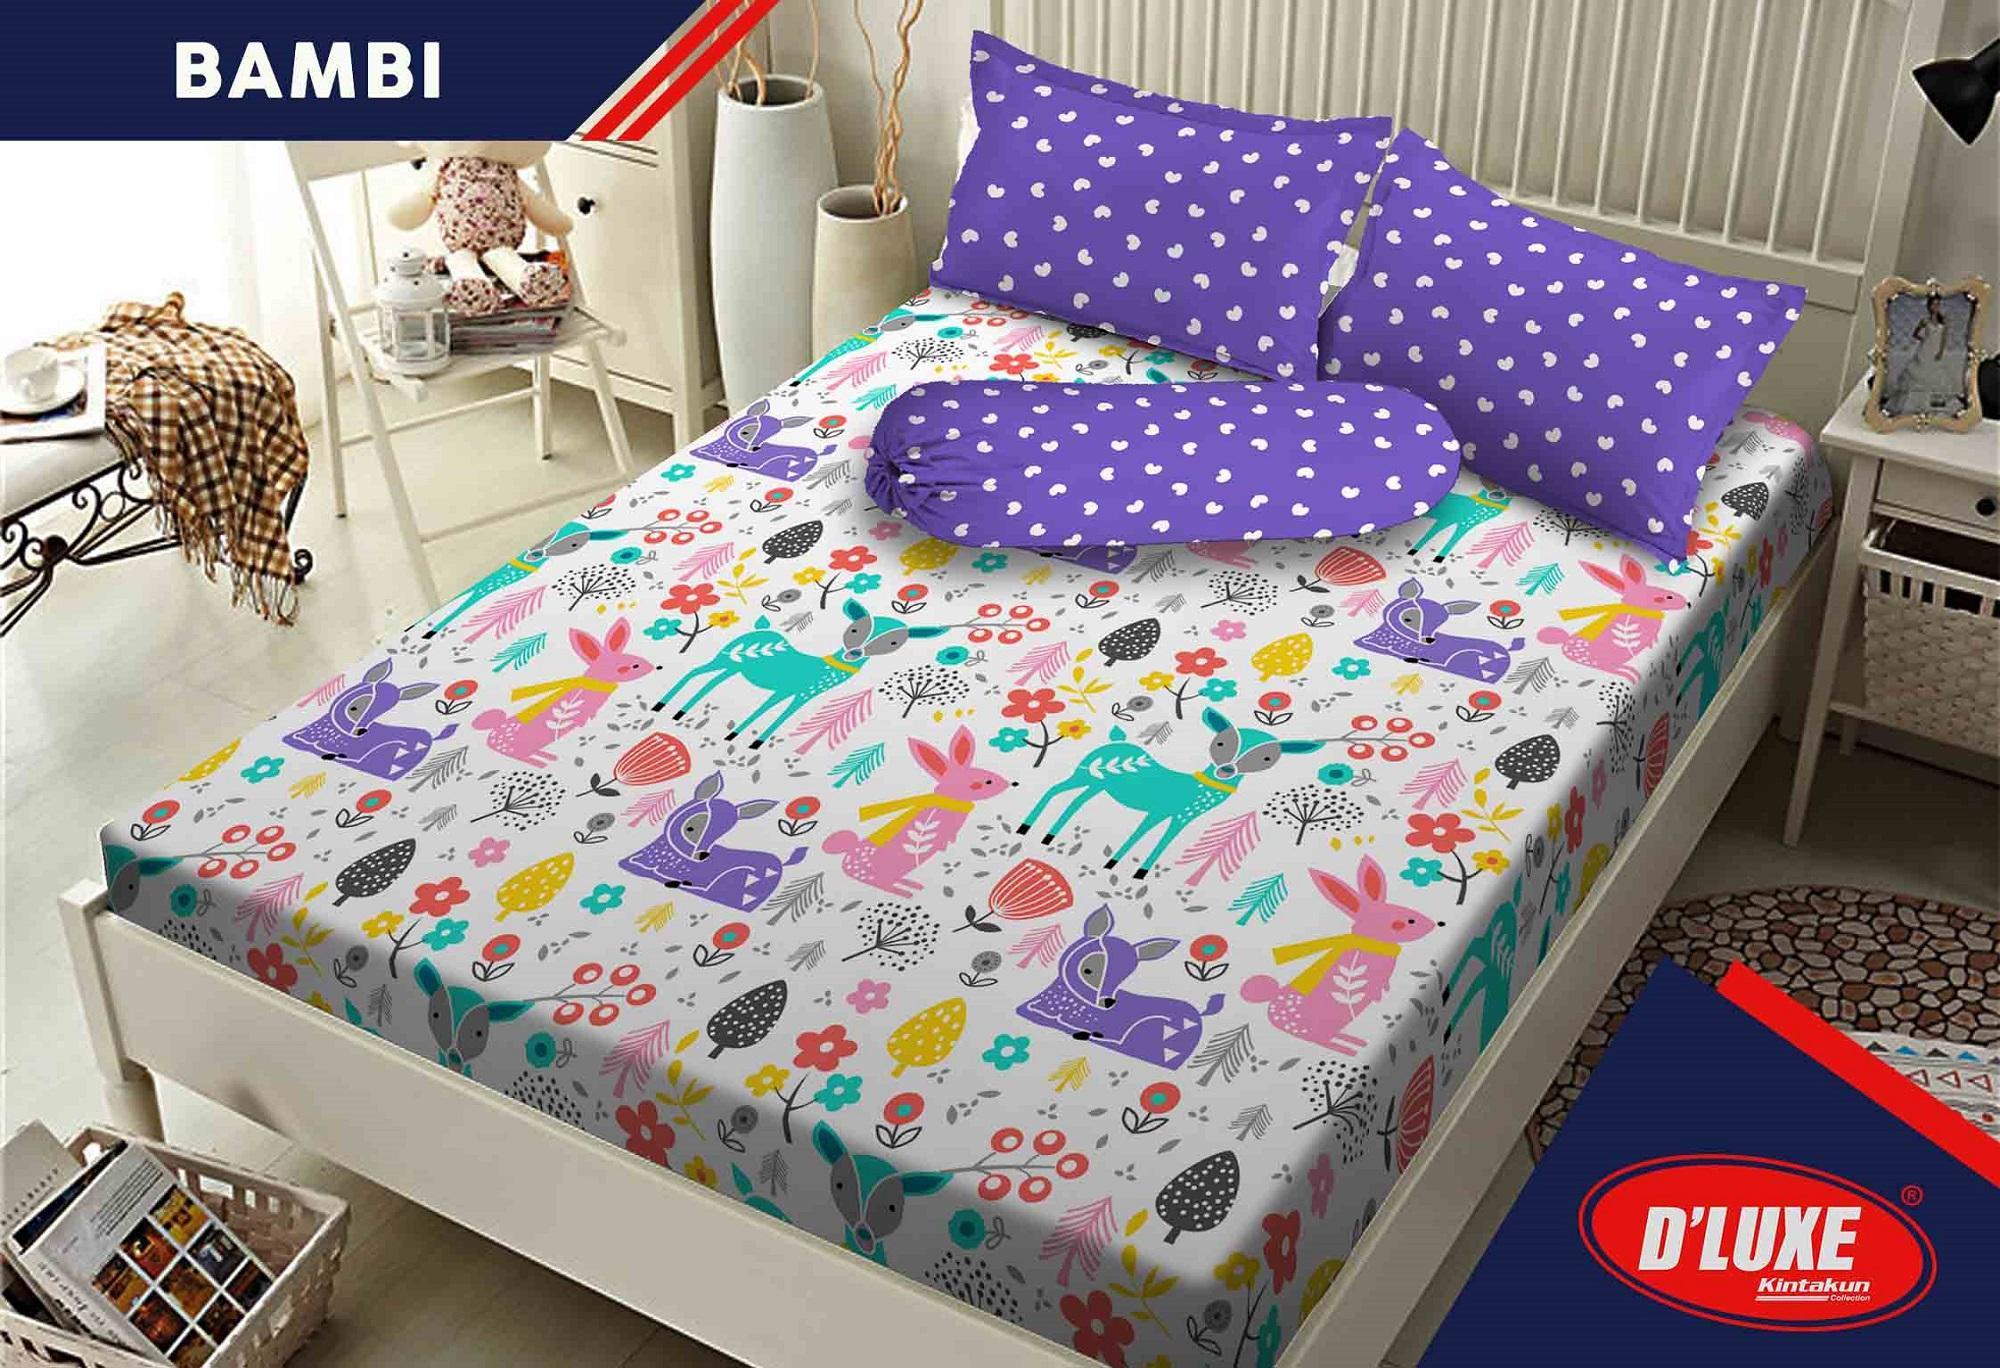 Sprei Bed Cover Kintakun Terbaru Dluxe 160 X 200 B2 Queen Azaki Seprai Perangkat Seprei